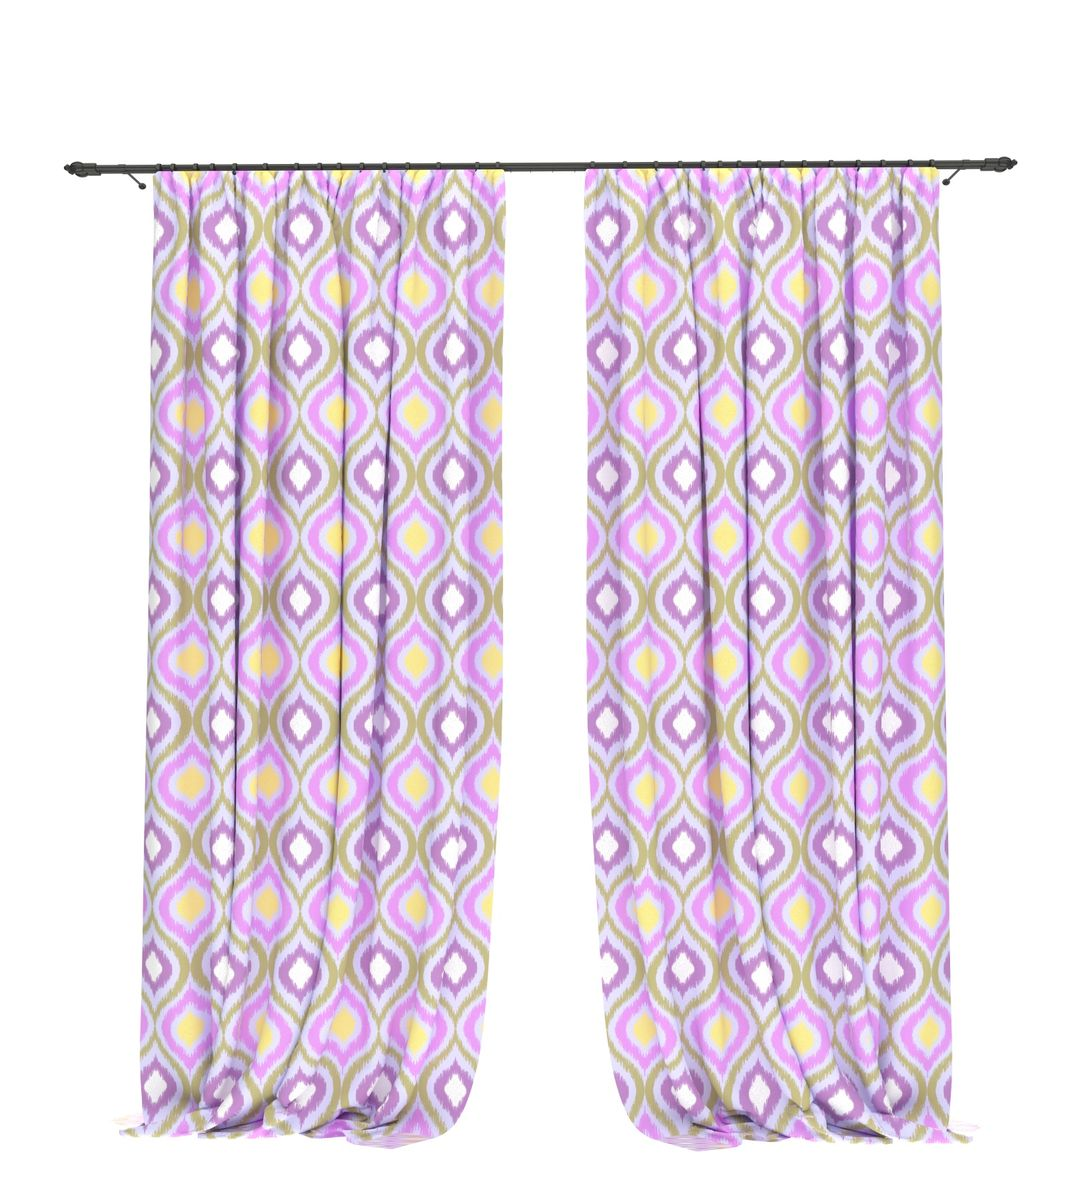 Комплект фотоштор Bellino Home Айдем, высота 260 см. 05618-ФШ-ГБ-001PANTERA SPX-2RSКомплект фотоштор BELLINO HOME, коллекция Бохо. Интерьер в стиле бохо - это калейдоскоп цветов, фактур, эмоций и свобода самовыражения. основная задача этого стиля - создание уютногоуютного пространства. Коллекция пропитана ритмическими рисунками теплого джаза с гармоническими структурами и неформальной культурой 60х-70х годов. Это согздание интерьера на основе собственных эмоций и пристрастий. Стиль бохо подразумевает некую внутреннюю свободу в человеке, благодаря которой , установленные современниками каноны и принципы становятся не важны. Именно поэтому здесь место самому интересному декору, электичным сочетаниям и неожиданным ходам. Крепление на карниз при помощи шторной ленты на крючки.В комплекте: Портьера: 2 шт. Размер (ШхВ): 145 см х 260 см. Рекомендации по уходу: стирка при 30 градусах гладить при температуре до 150 градусов Изображение на мониторе может немного отличаться от реального.